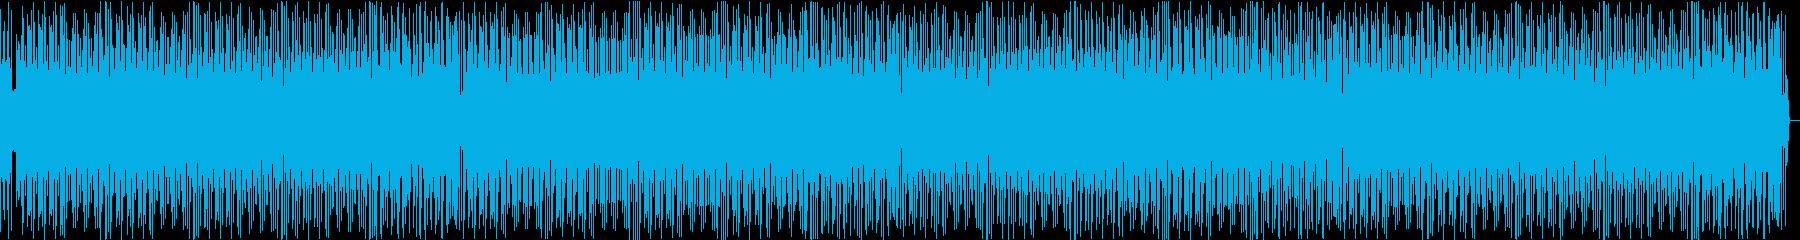 ファンキーでアメリカンなDIY系BGMの再生済みの波形